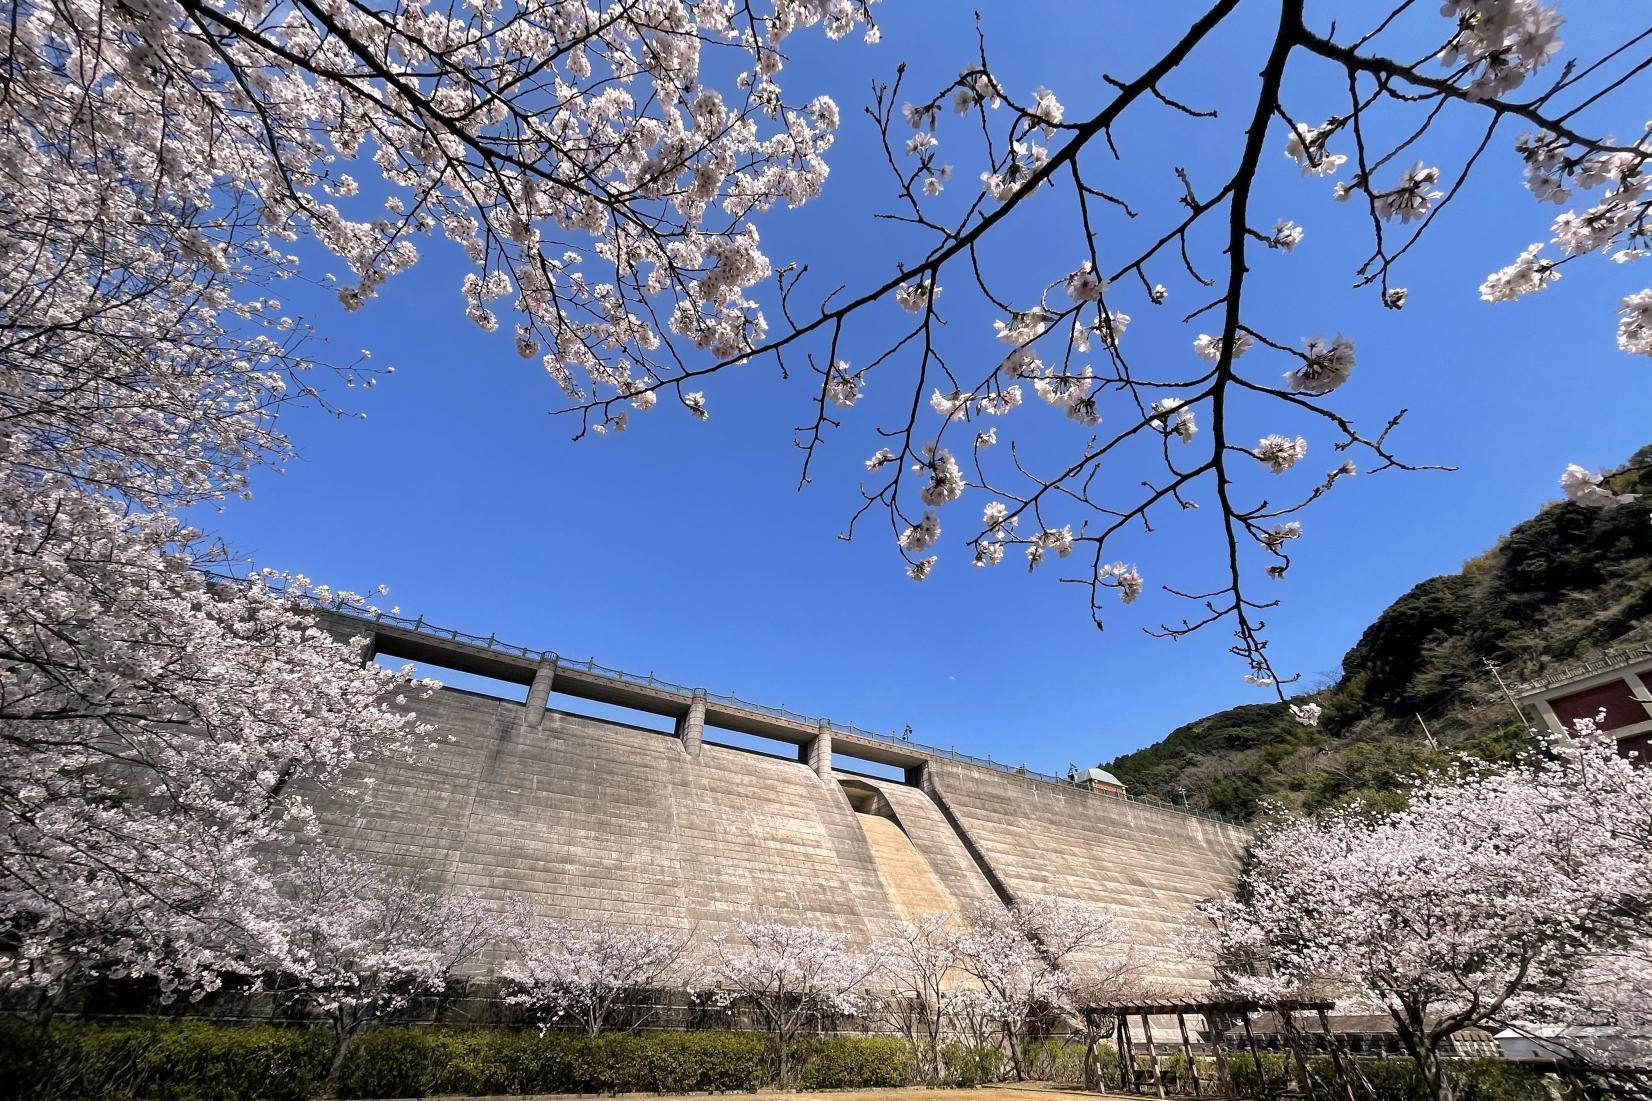 長崎市 西山ダム公園の桜-1